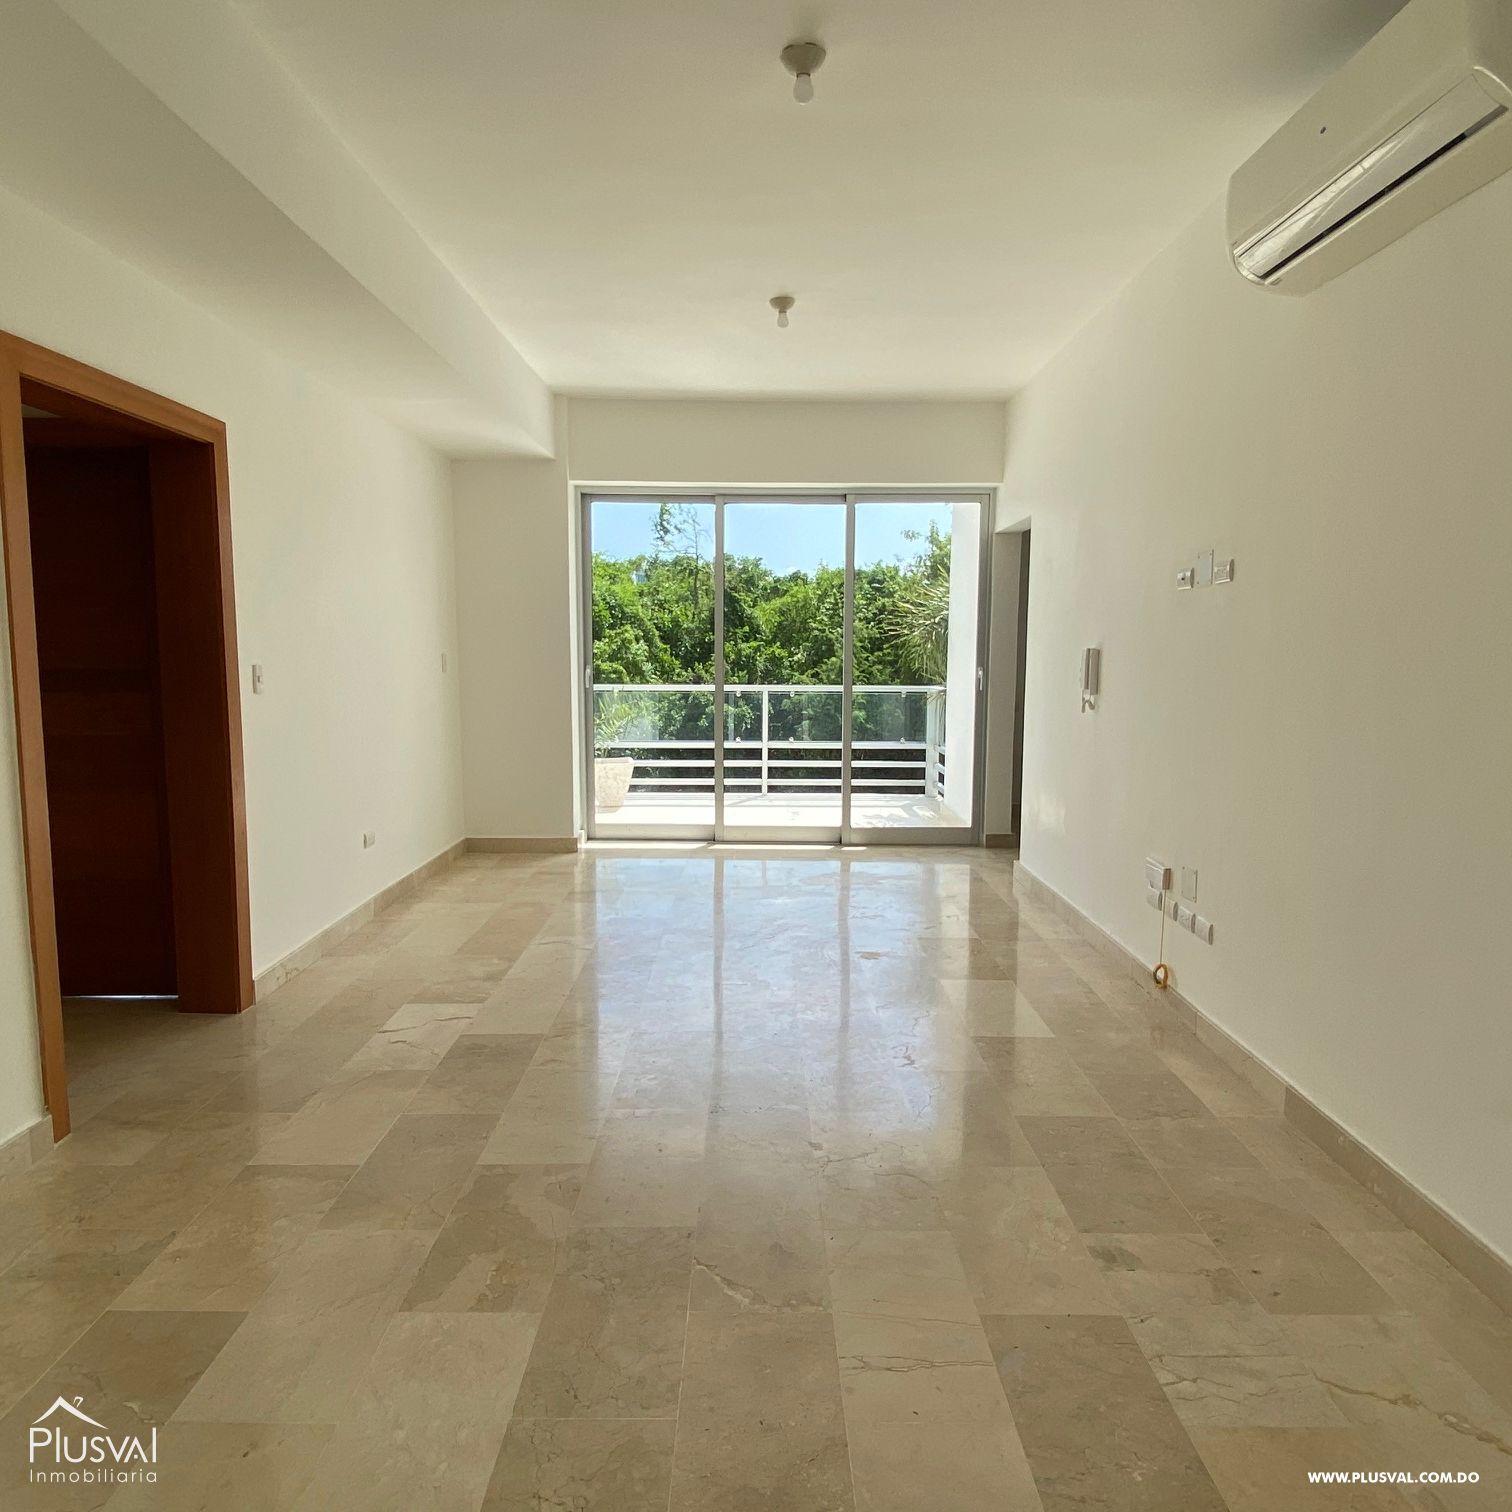 Apartamento en venta, en Puntacana Village 152482